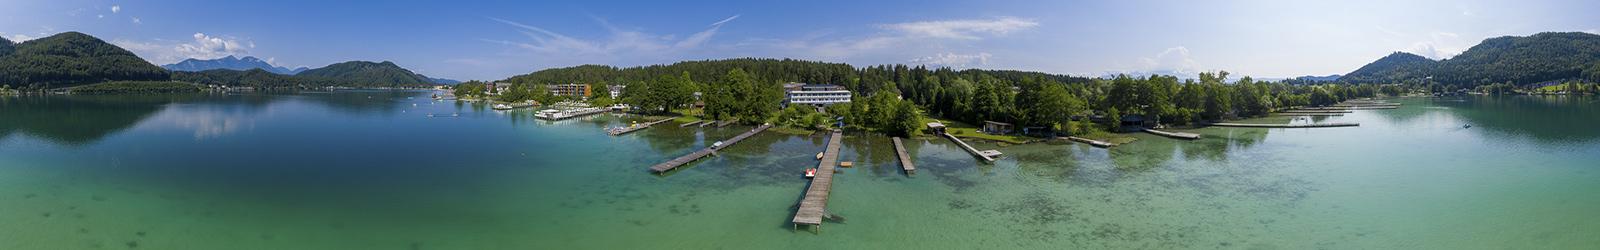 Urlaub am Klopeiner See